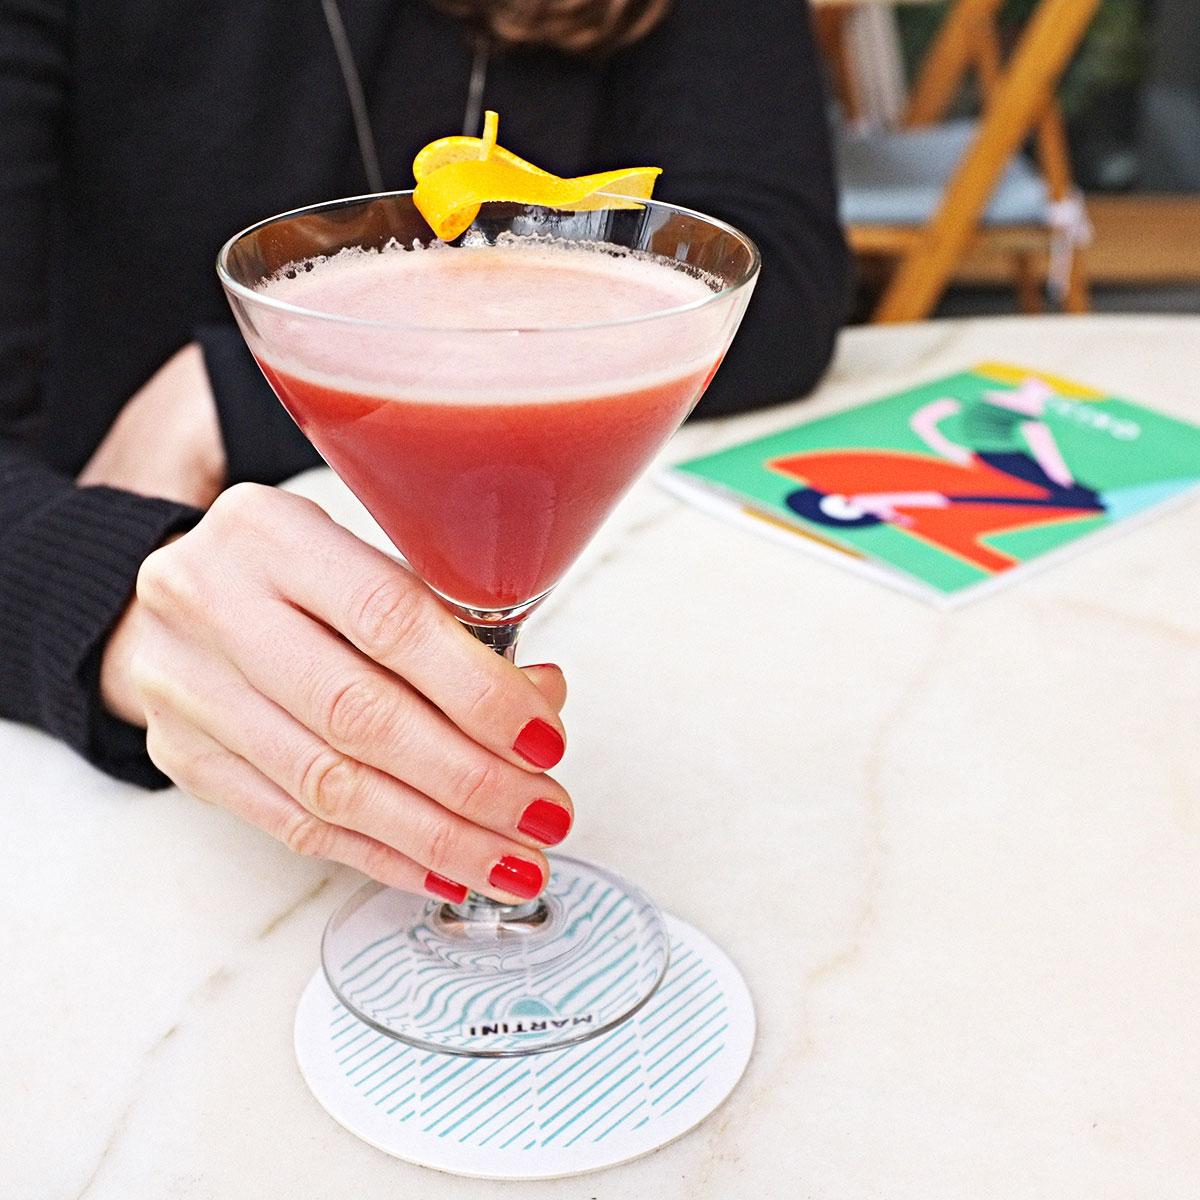 cocktail-pizzetta-marzo-eclettico-vicino-rockinchiclifestyle